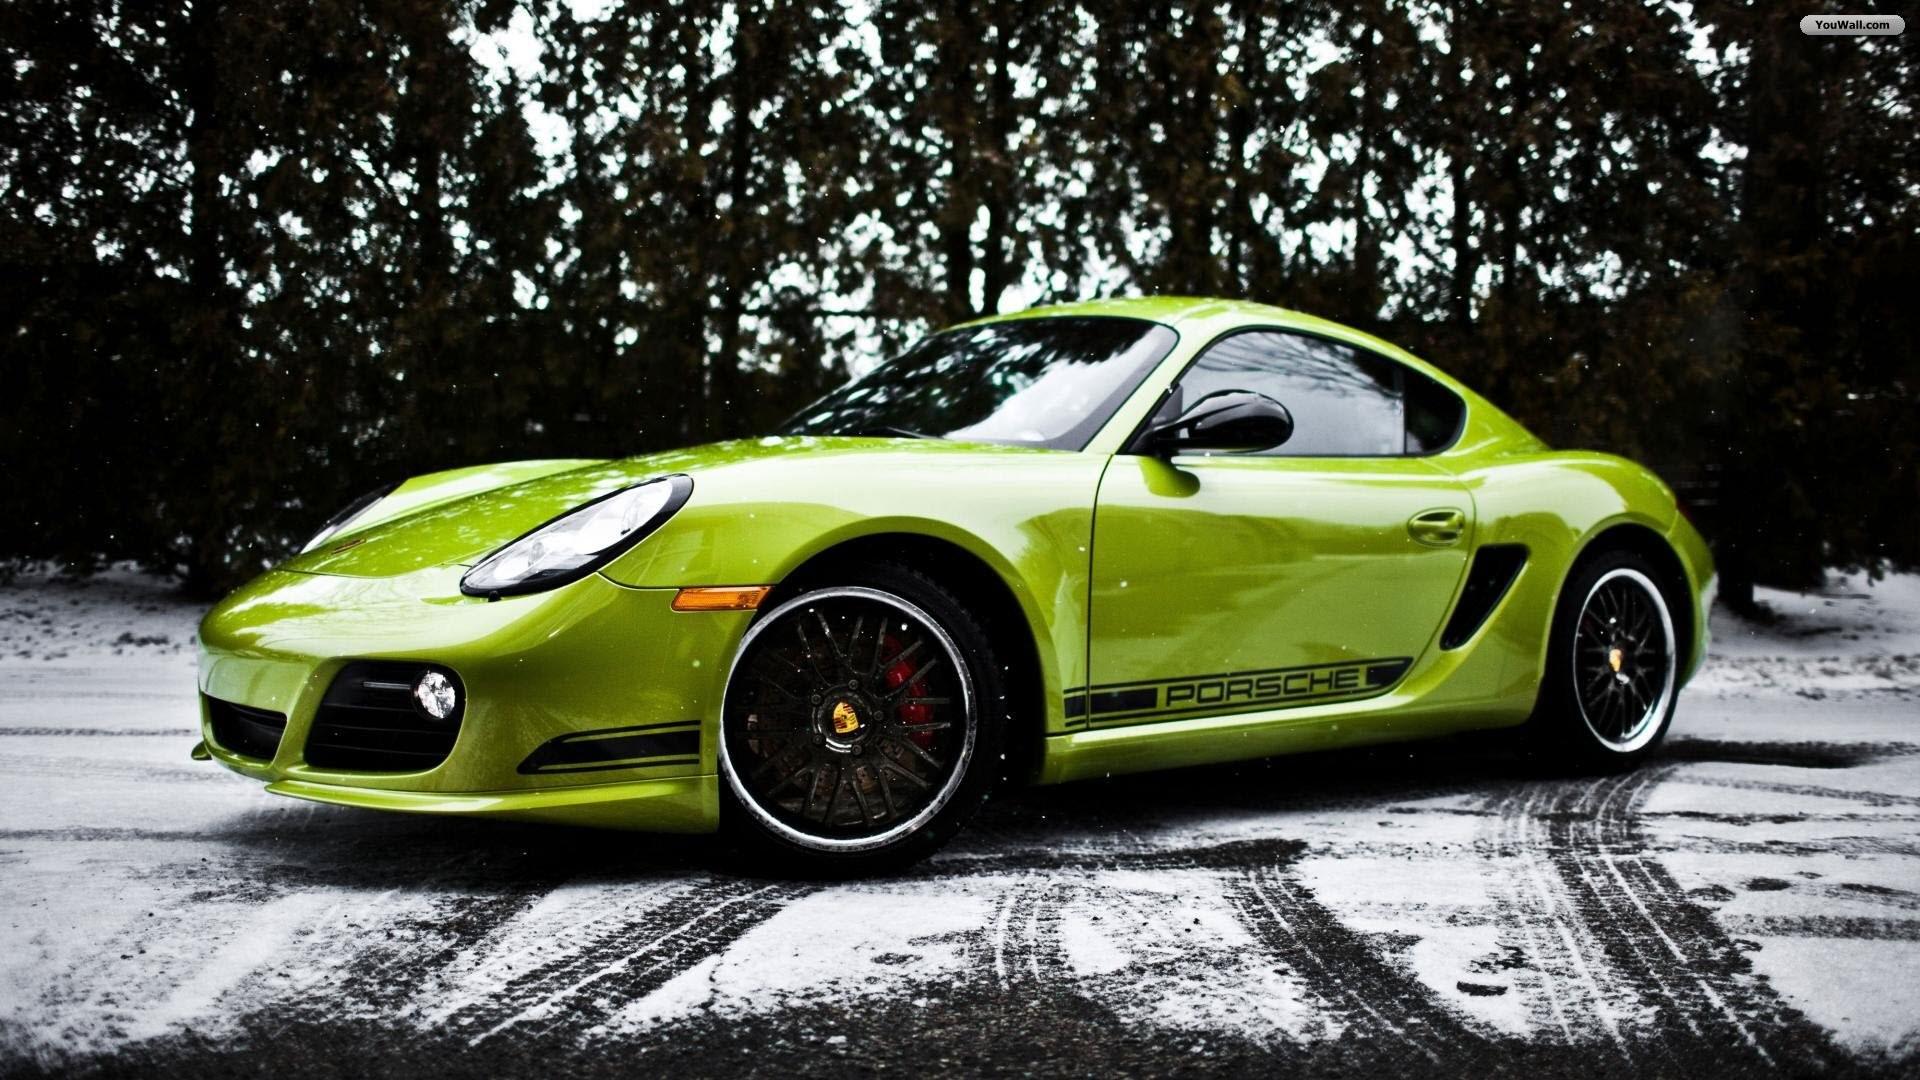 1920x1080, Top Rated Full Hd Quality Porsche Cayman - Porsche Cayman Gt4 Green - HD Wallpaper